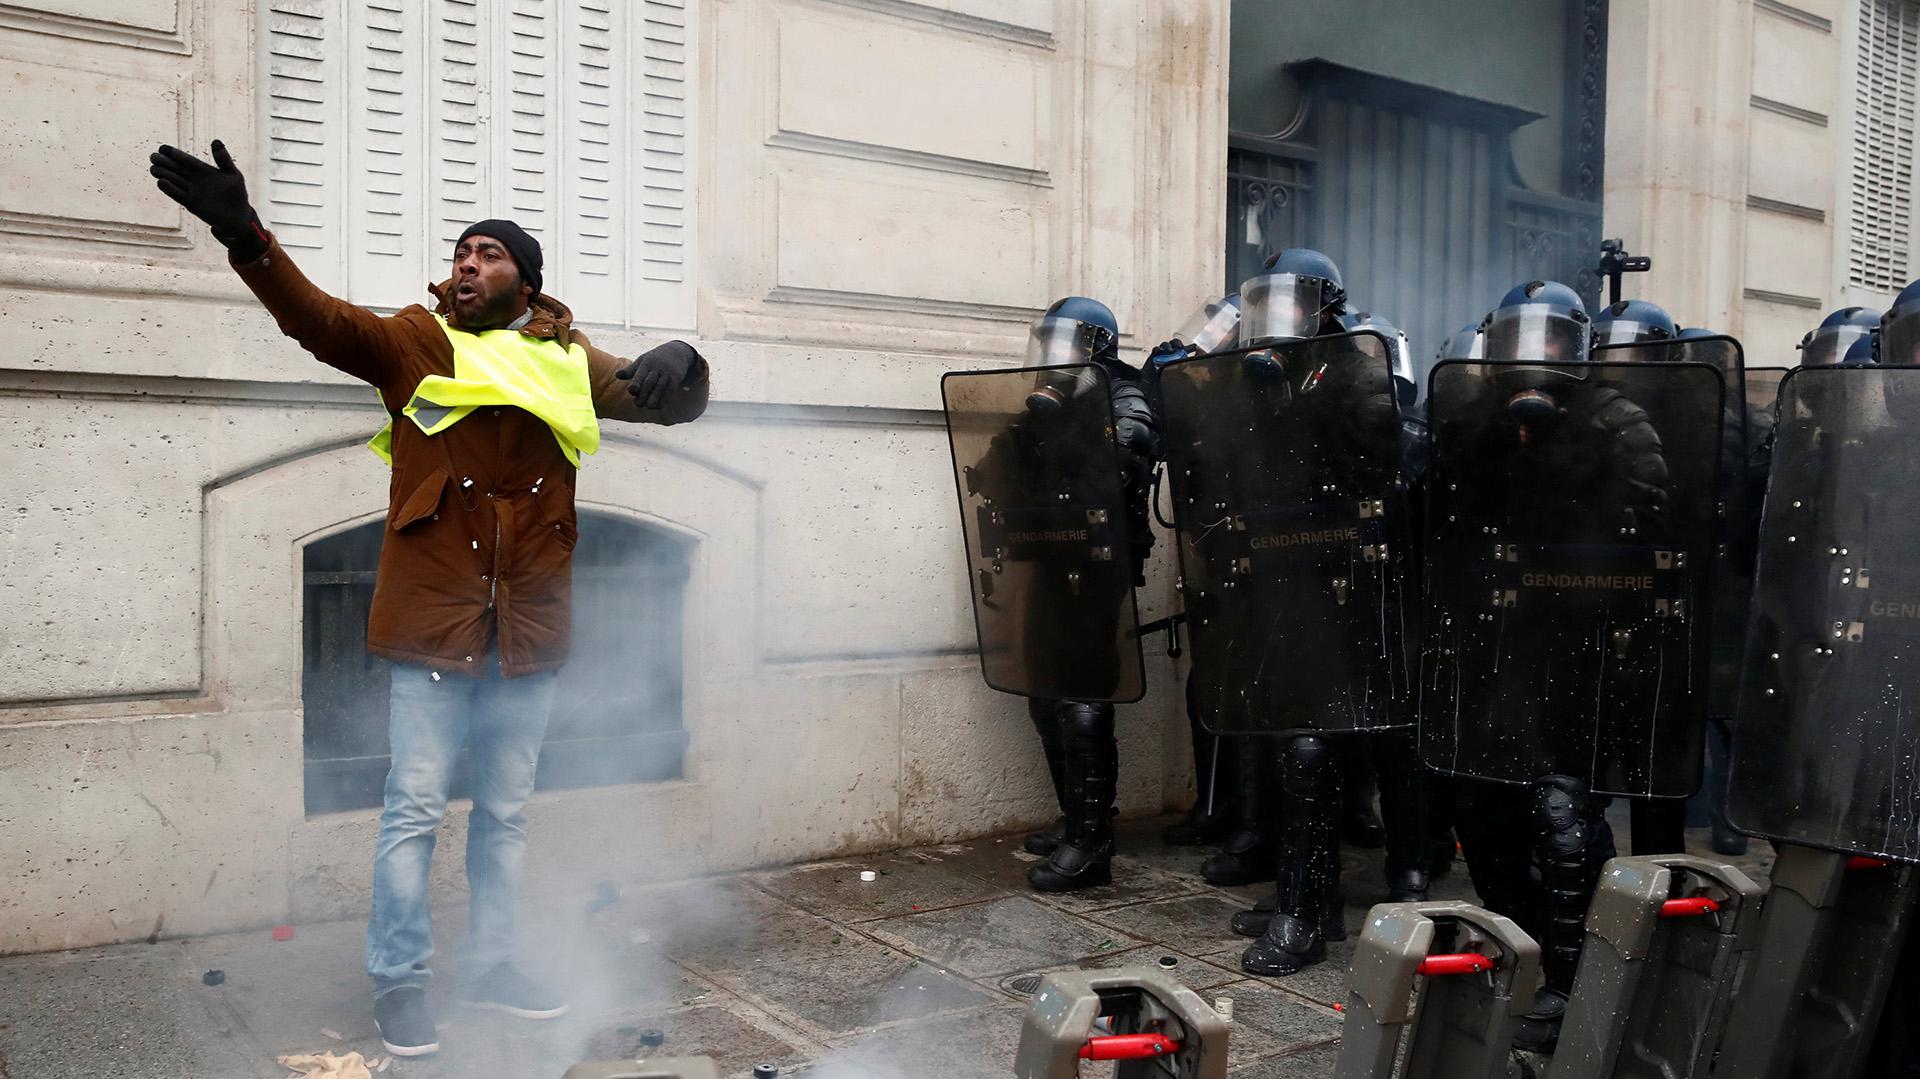 En algunas regiones de Francia, las autoridades prohibieron las manifestaciones, así como la venta y transporte de gasolina, los artificios pirotécnicos y productos inflamables o químicos (REUTERS/Christian Hartmann)